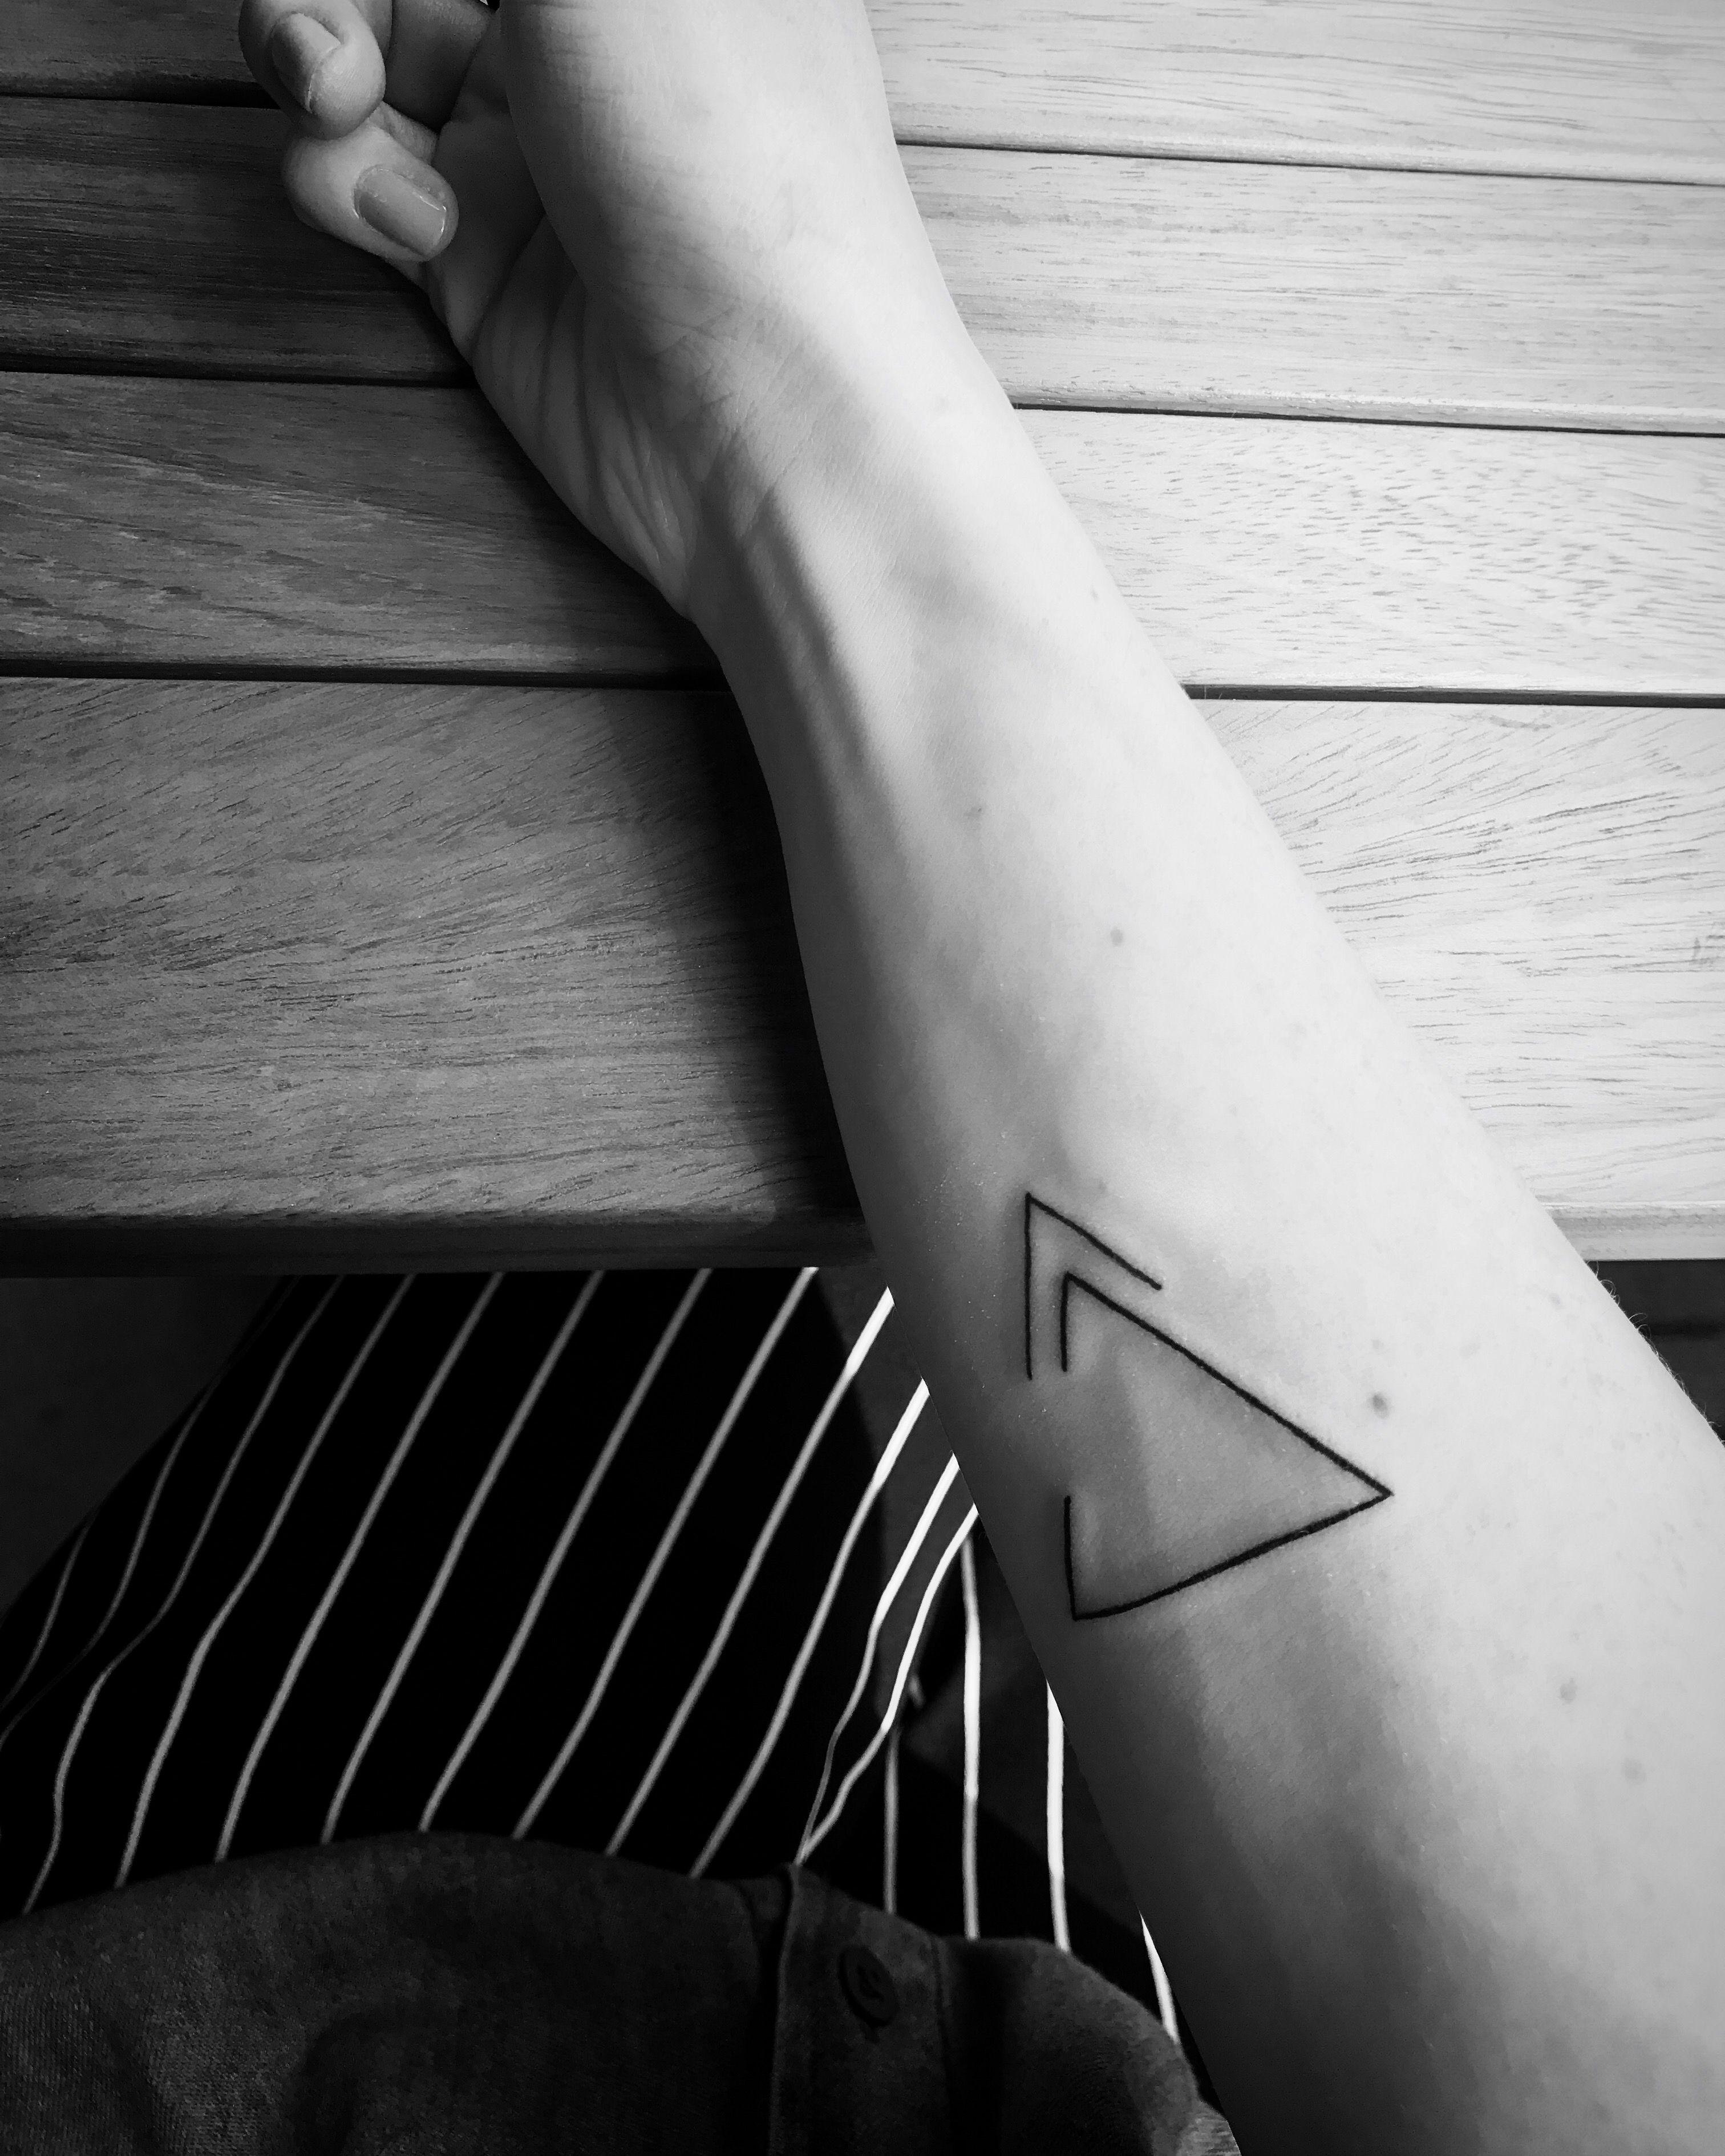 Delta Symbol. Upper (arrow) means progress, moving forward